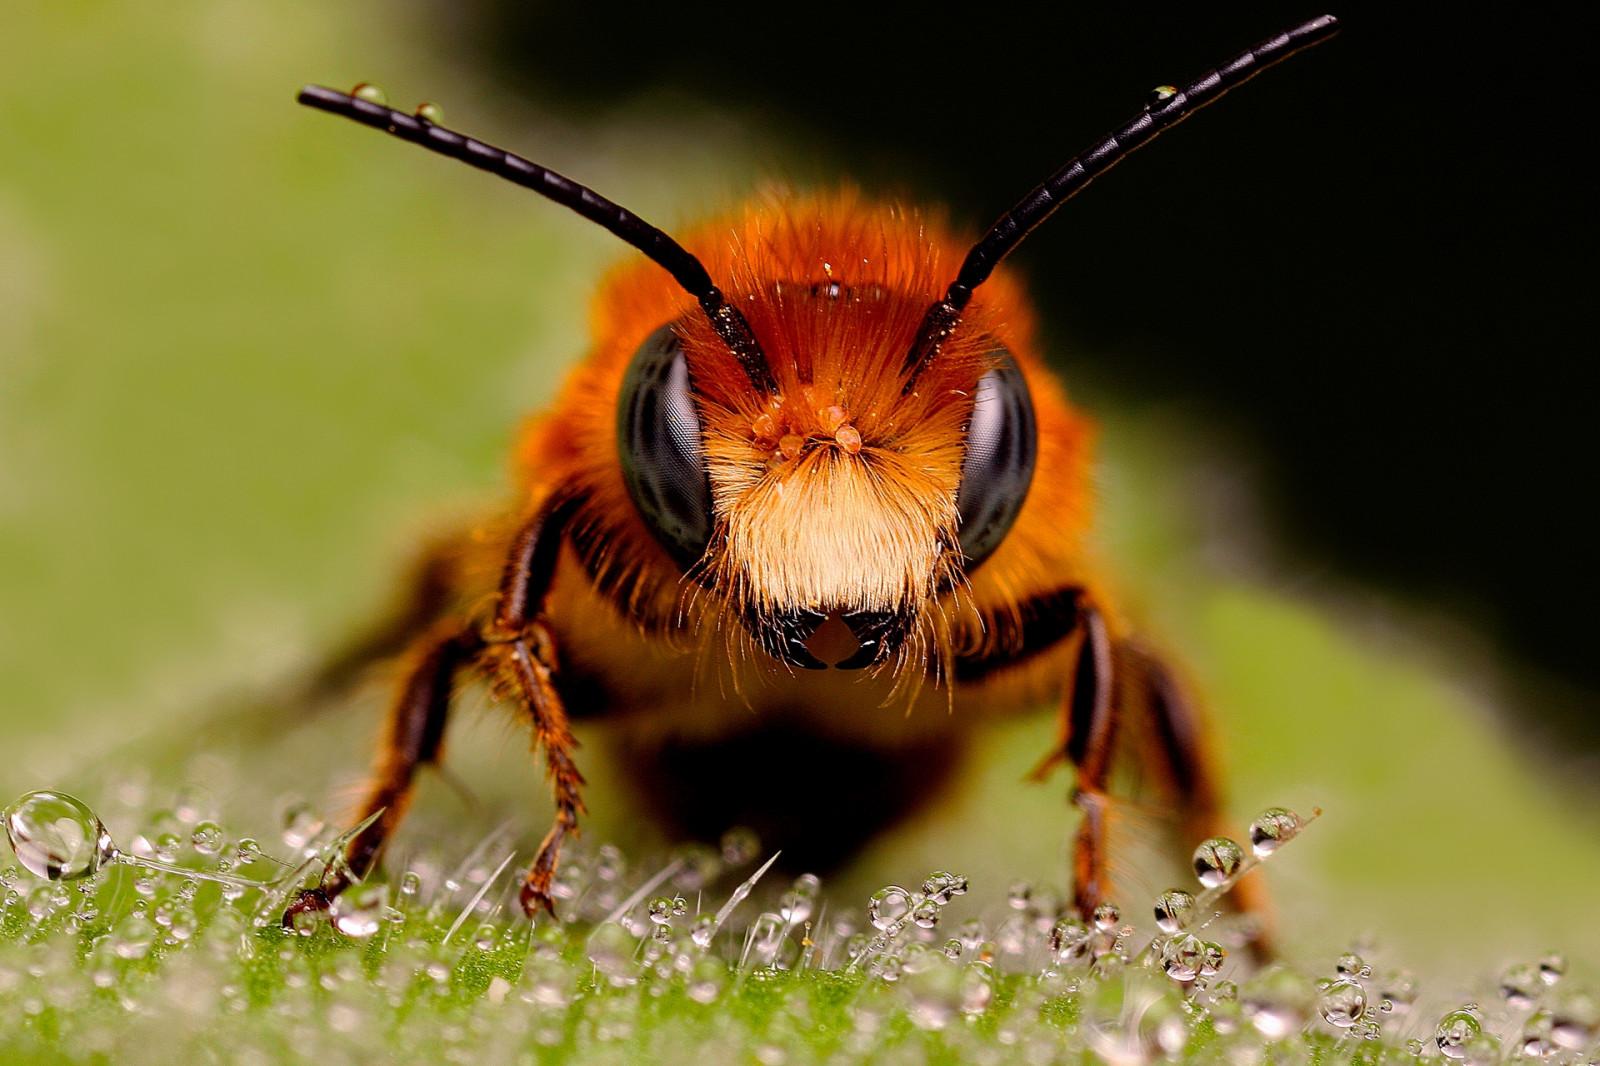 Картинка с насекомыми, открытки ссылки